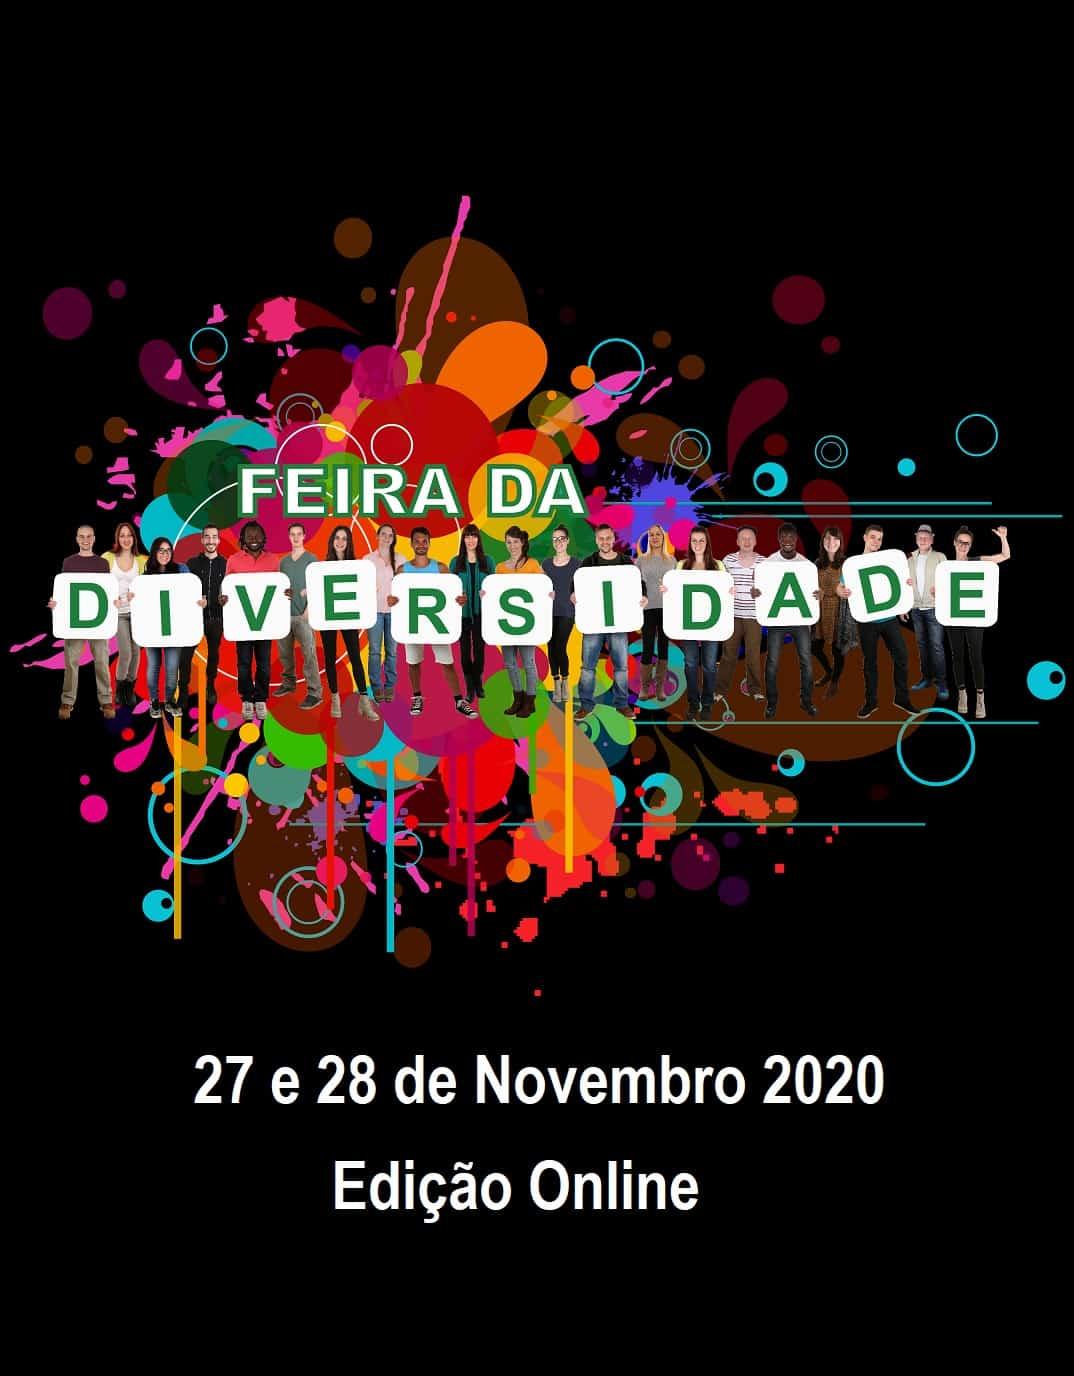 FEIRA DA DIVERSIDADE 2020 – 4ª EDIÇÃO ONLINE